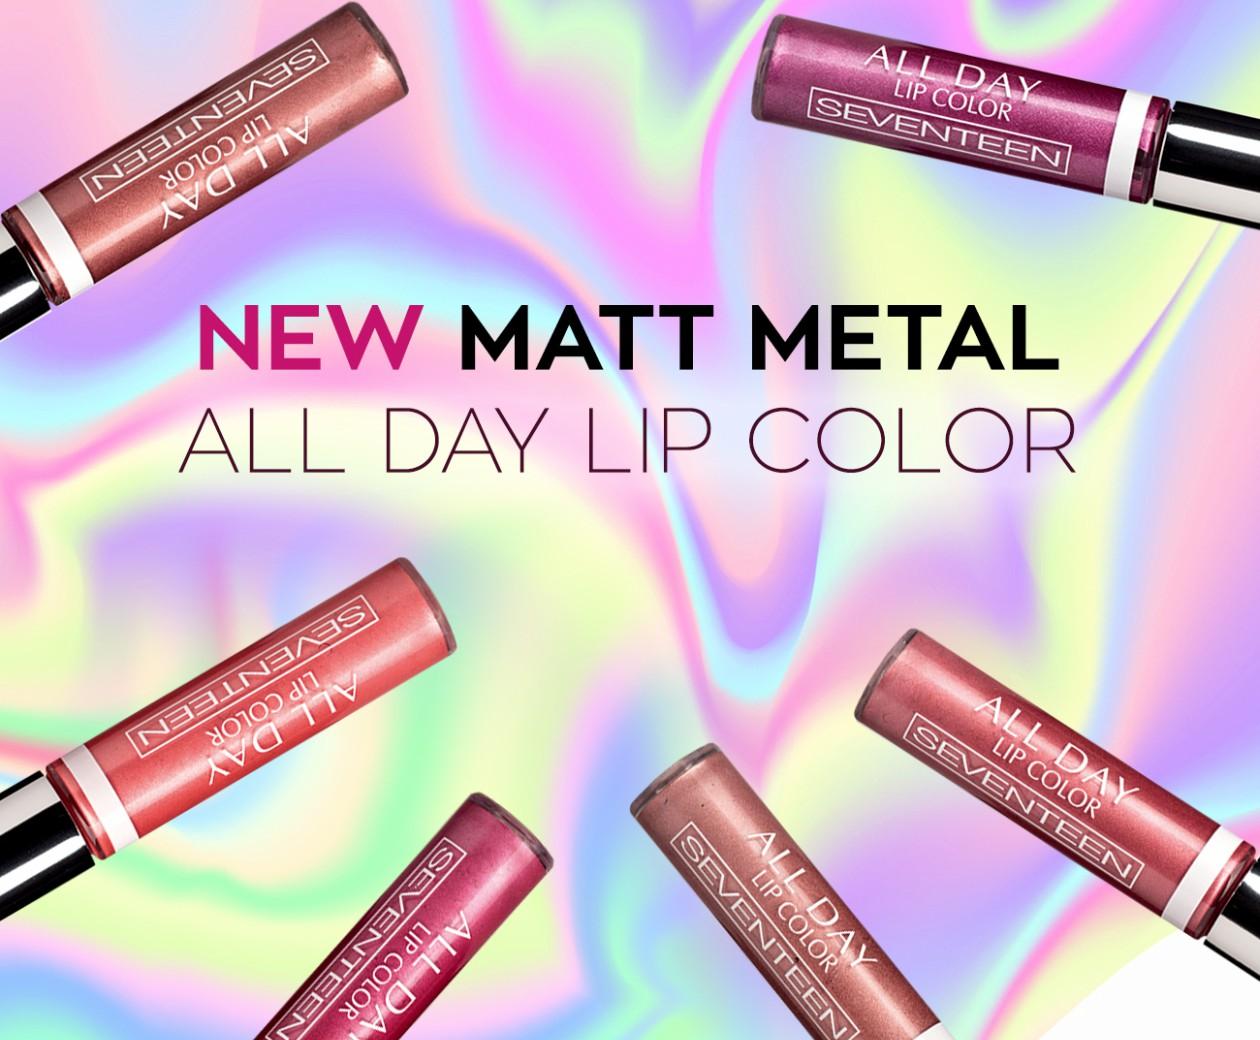 Η νέα σειρά Matt Metal All Day Lip Color από τη Seventeen Cosmetics μαςσυναρπάζει!